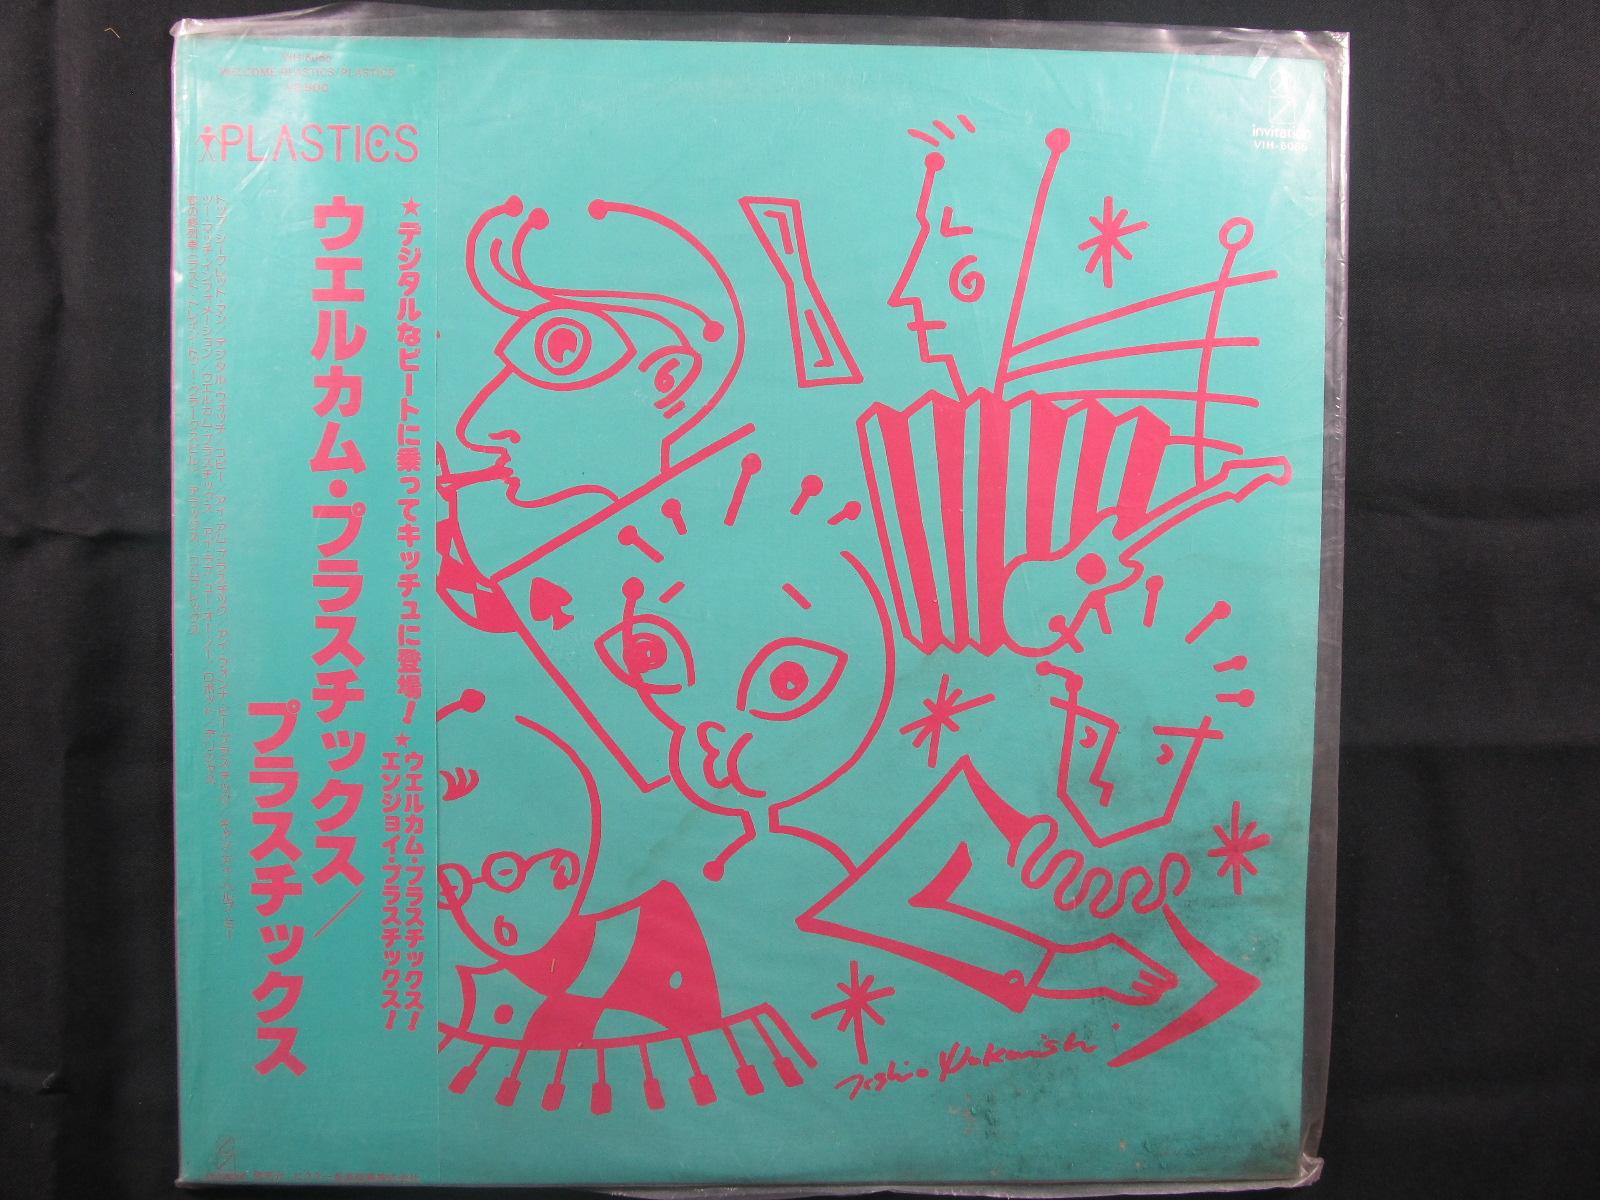 中古LP PLASTICS『WELCOME PLASTICS』画像